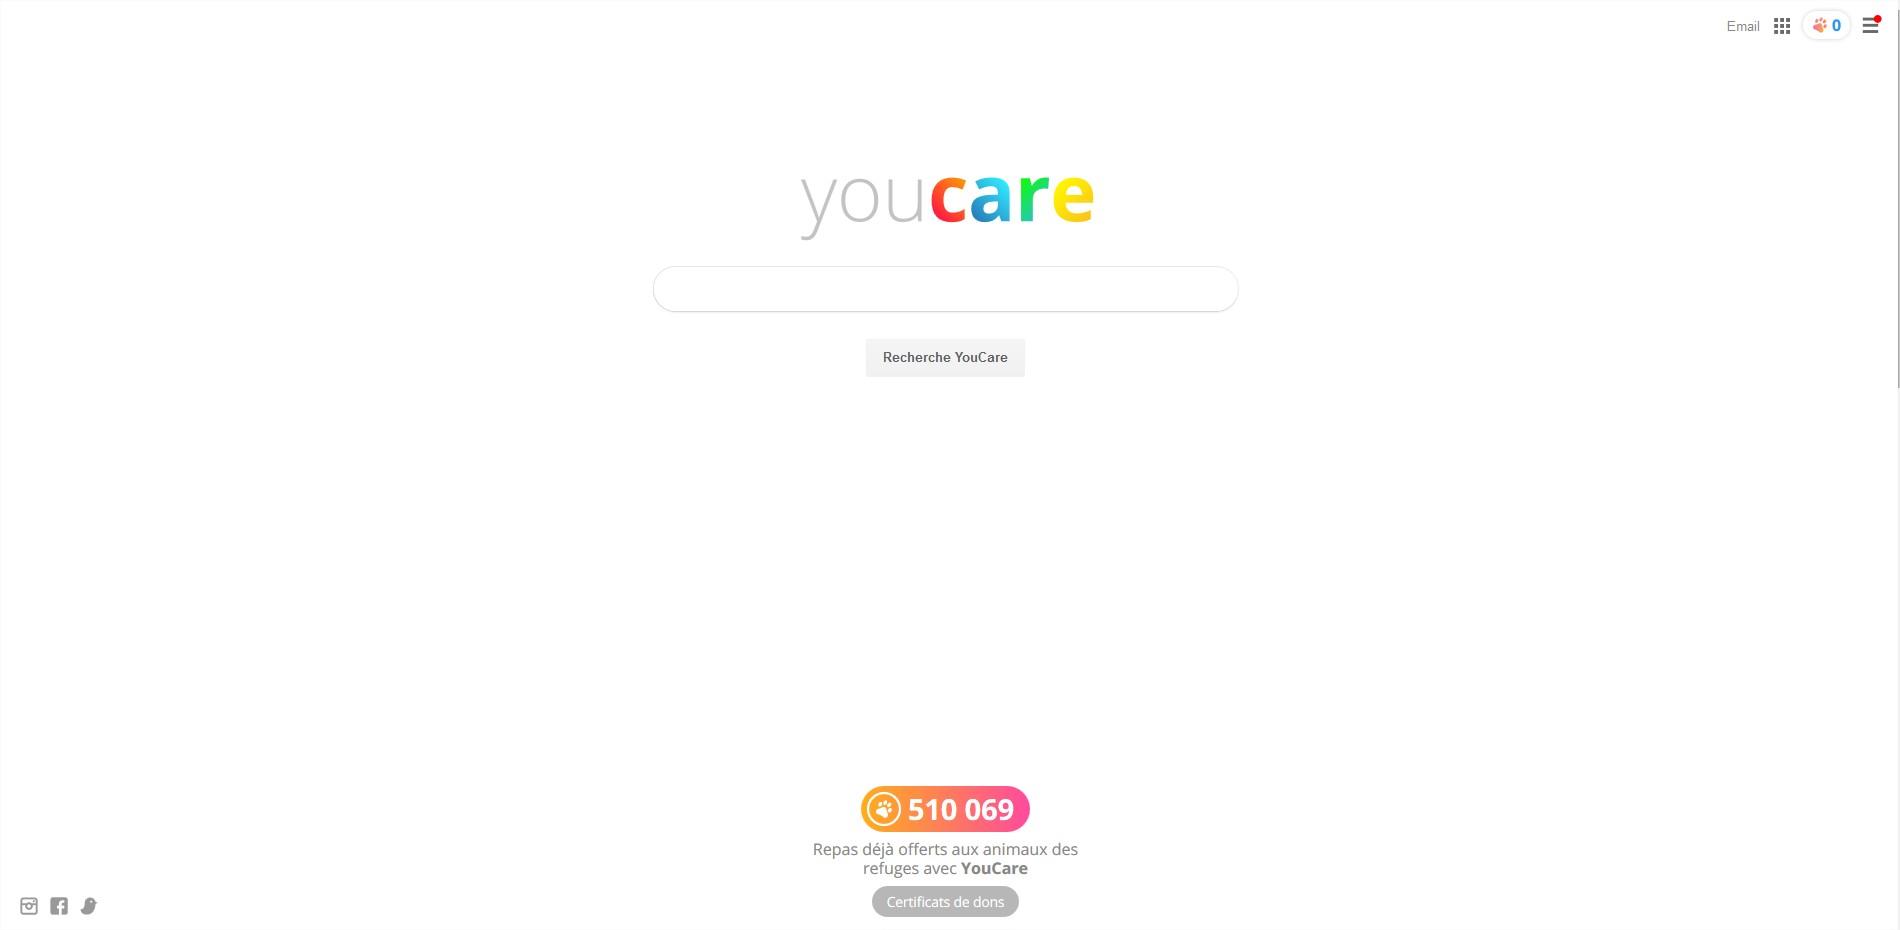 Youcare-moteurs-recherche-france